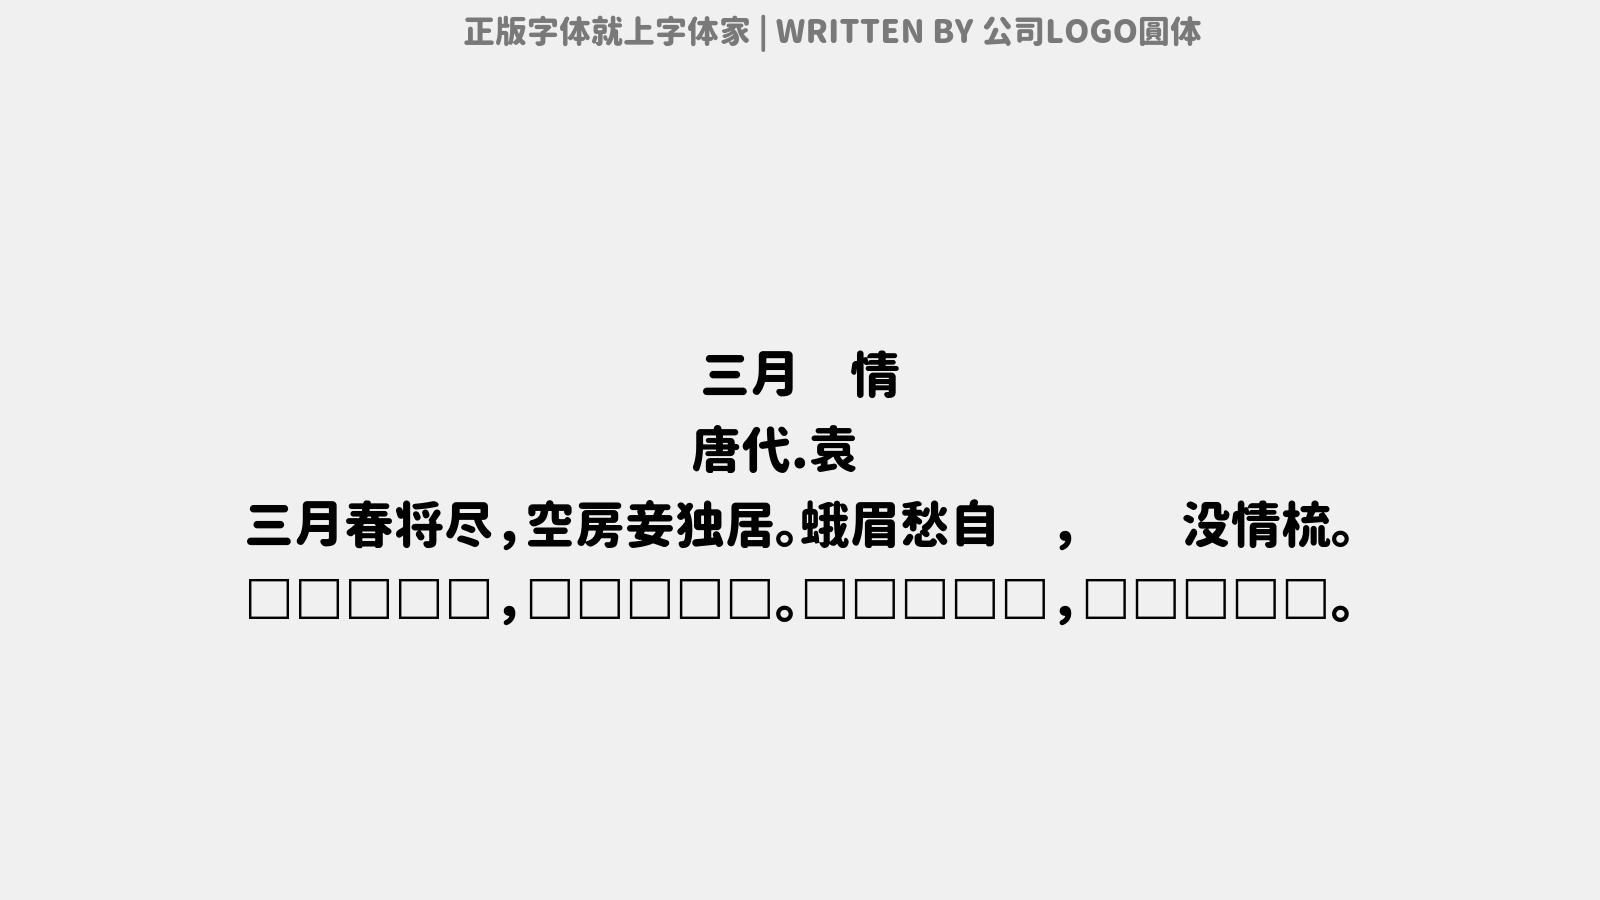 公司LOGO圓體 - 三月閨情